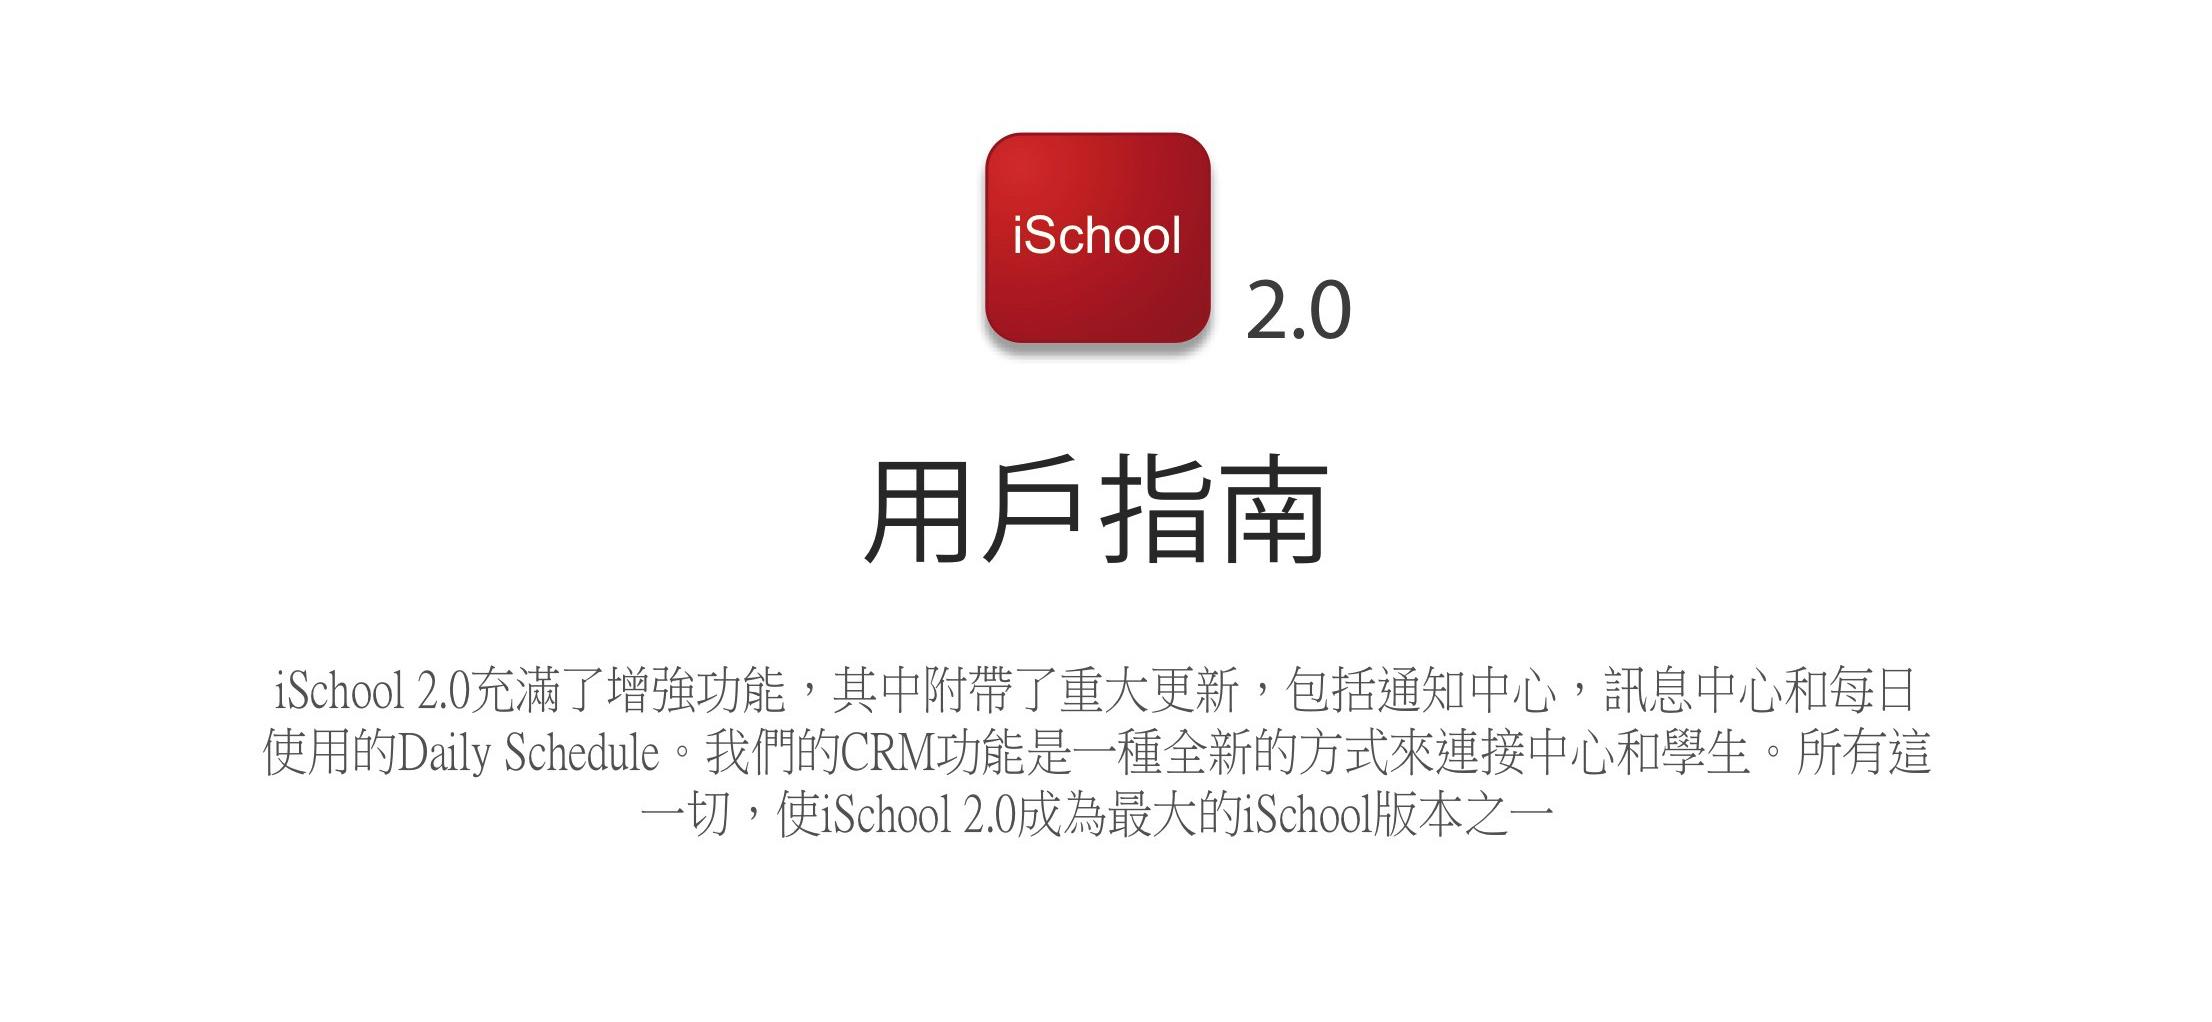 iSchool User Guide